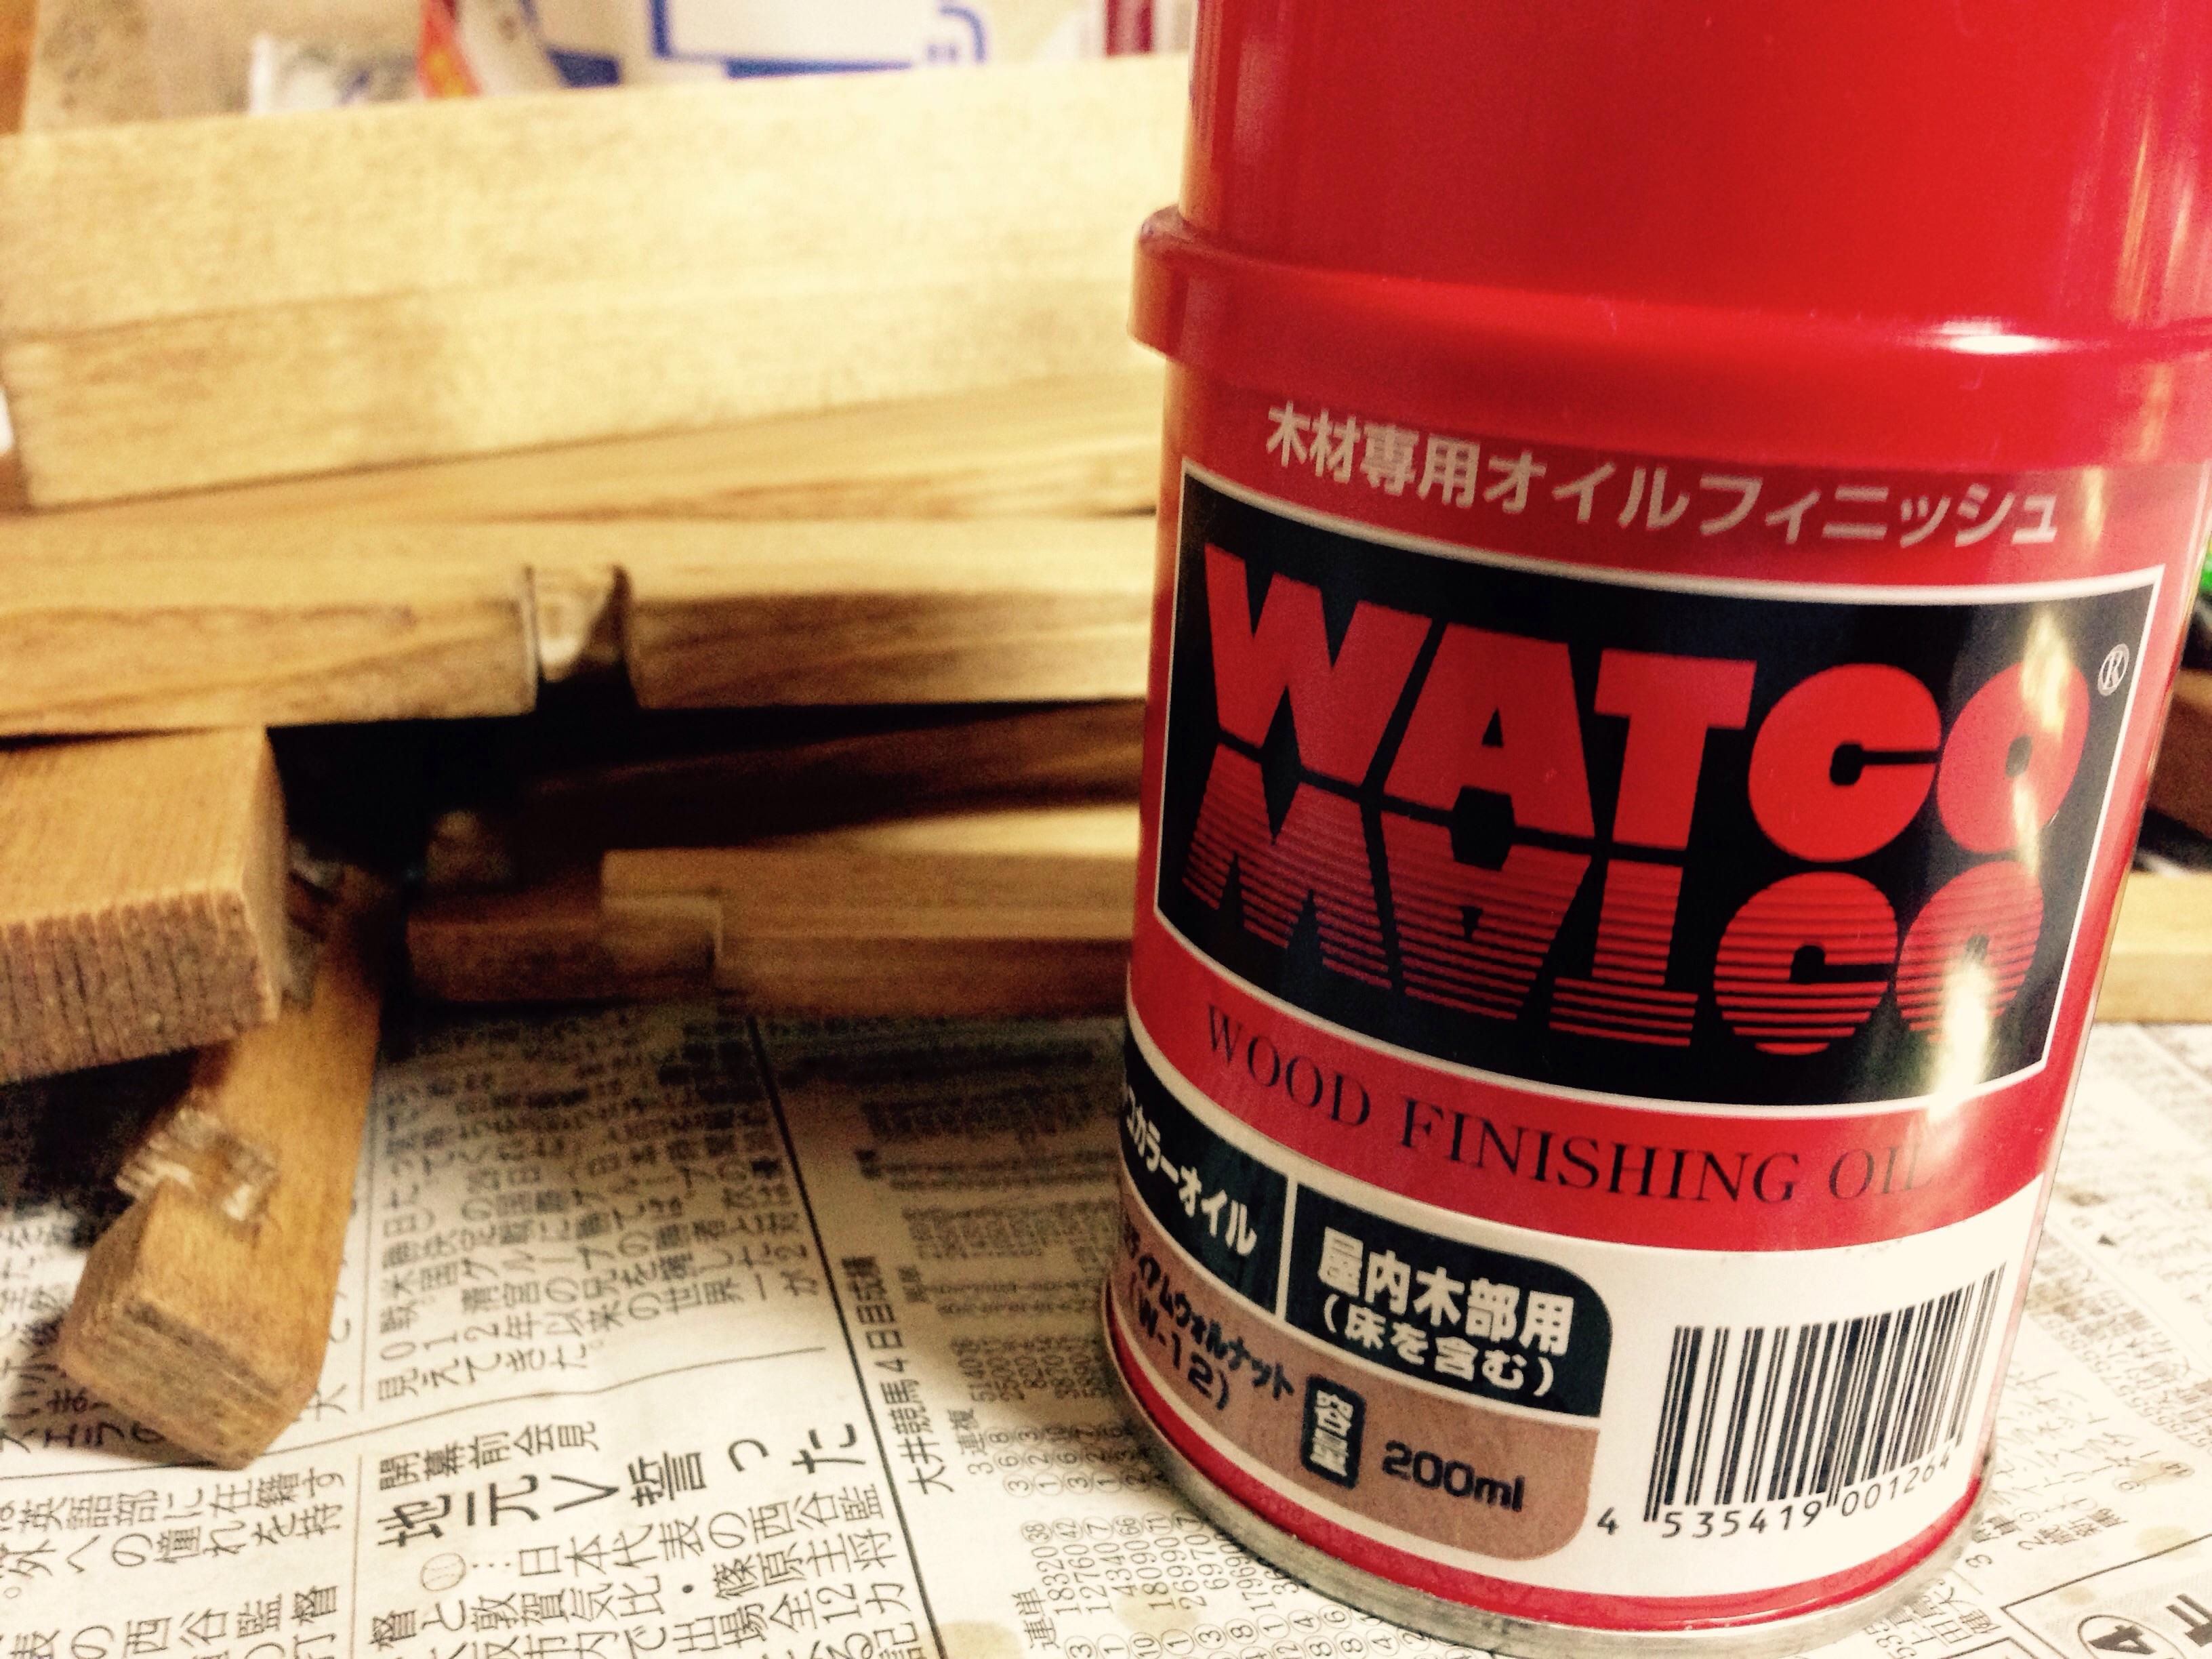 WATCOオイル